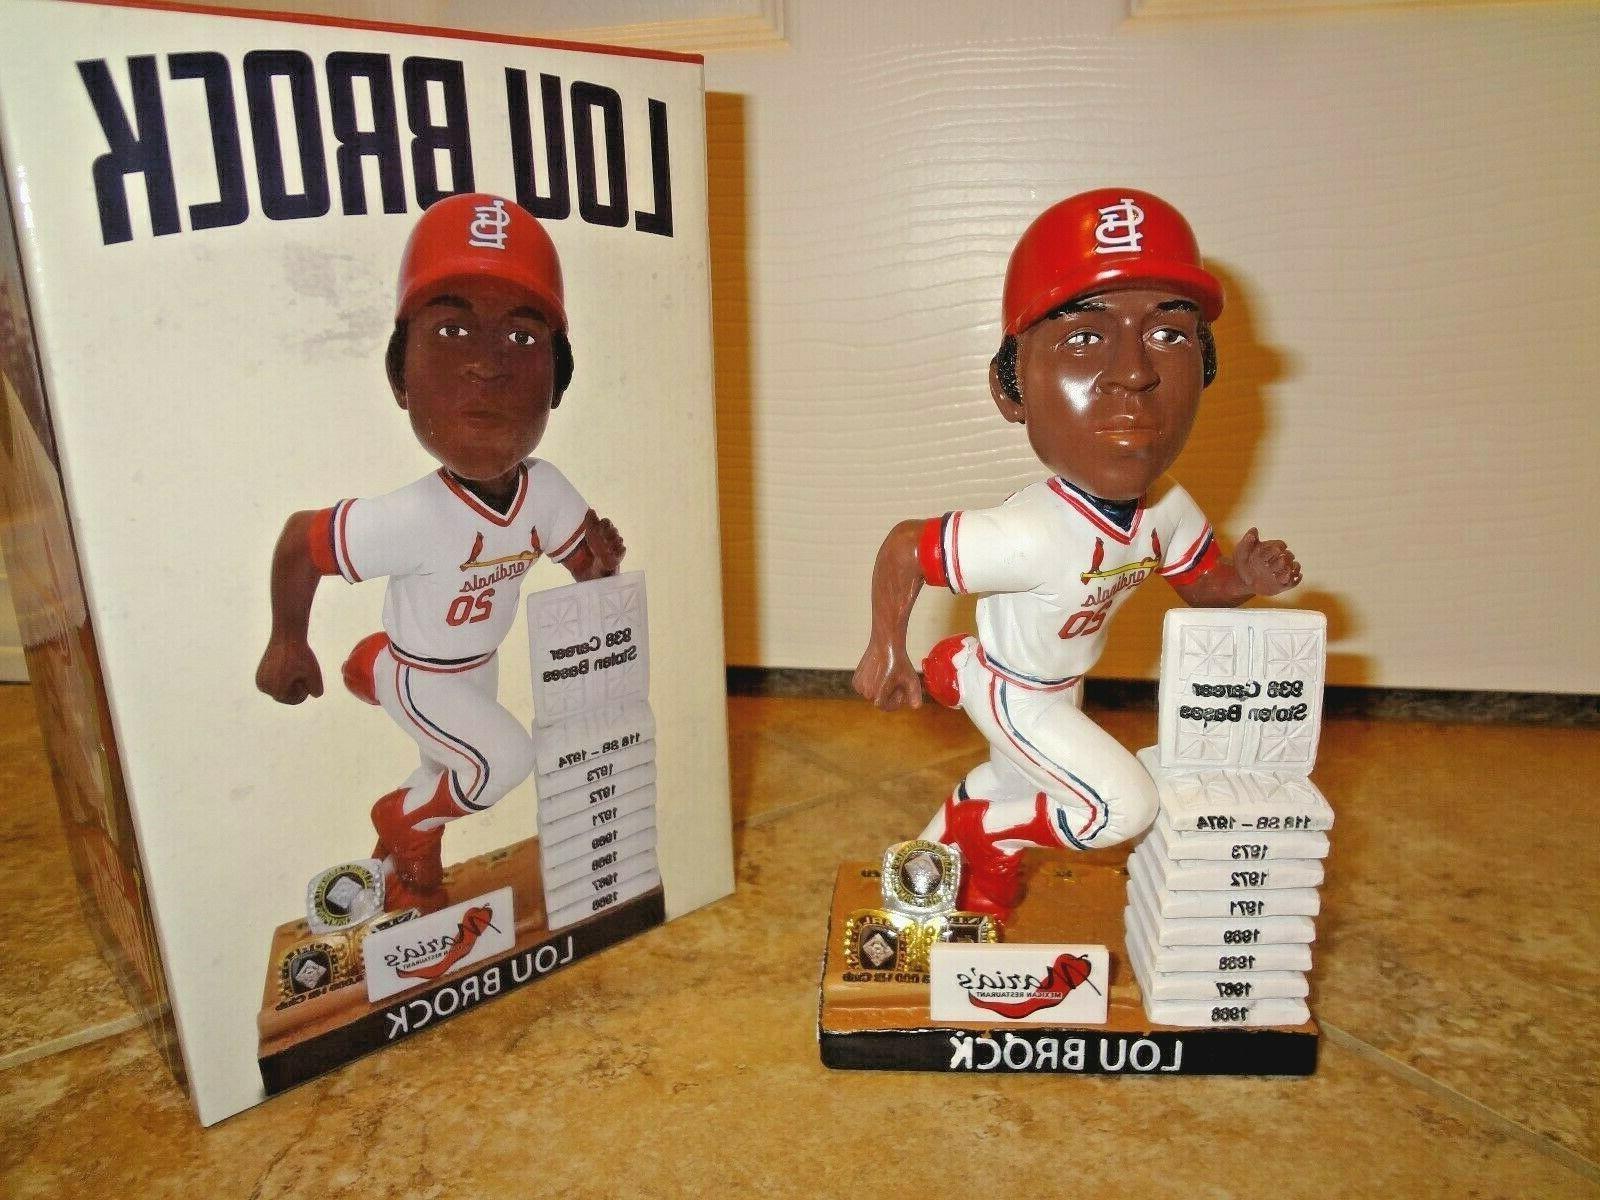 st louis cardinals lou brock career highlights